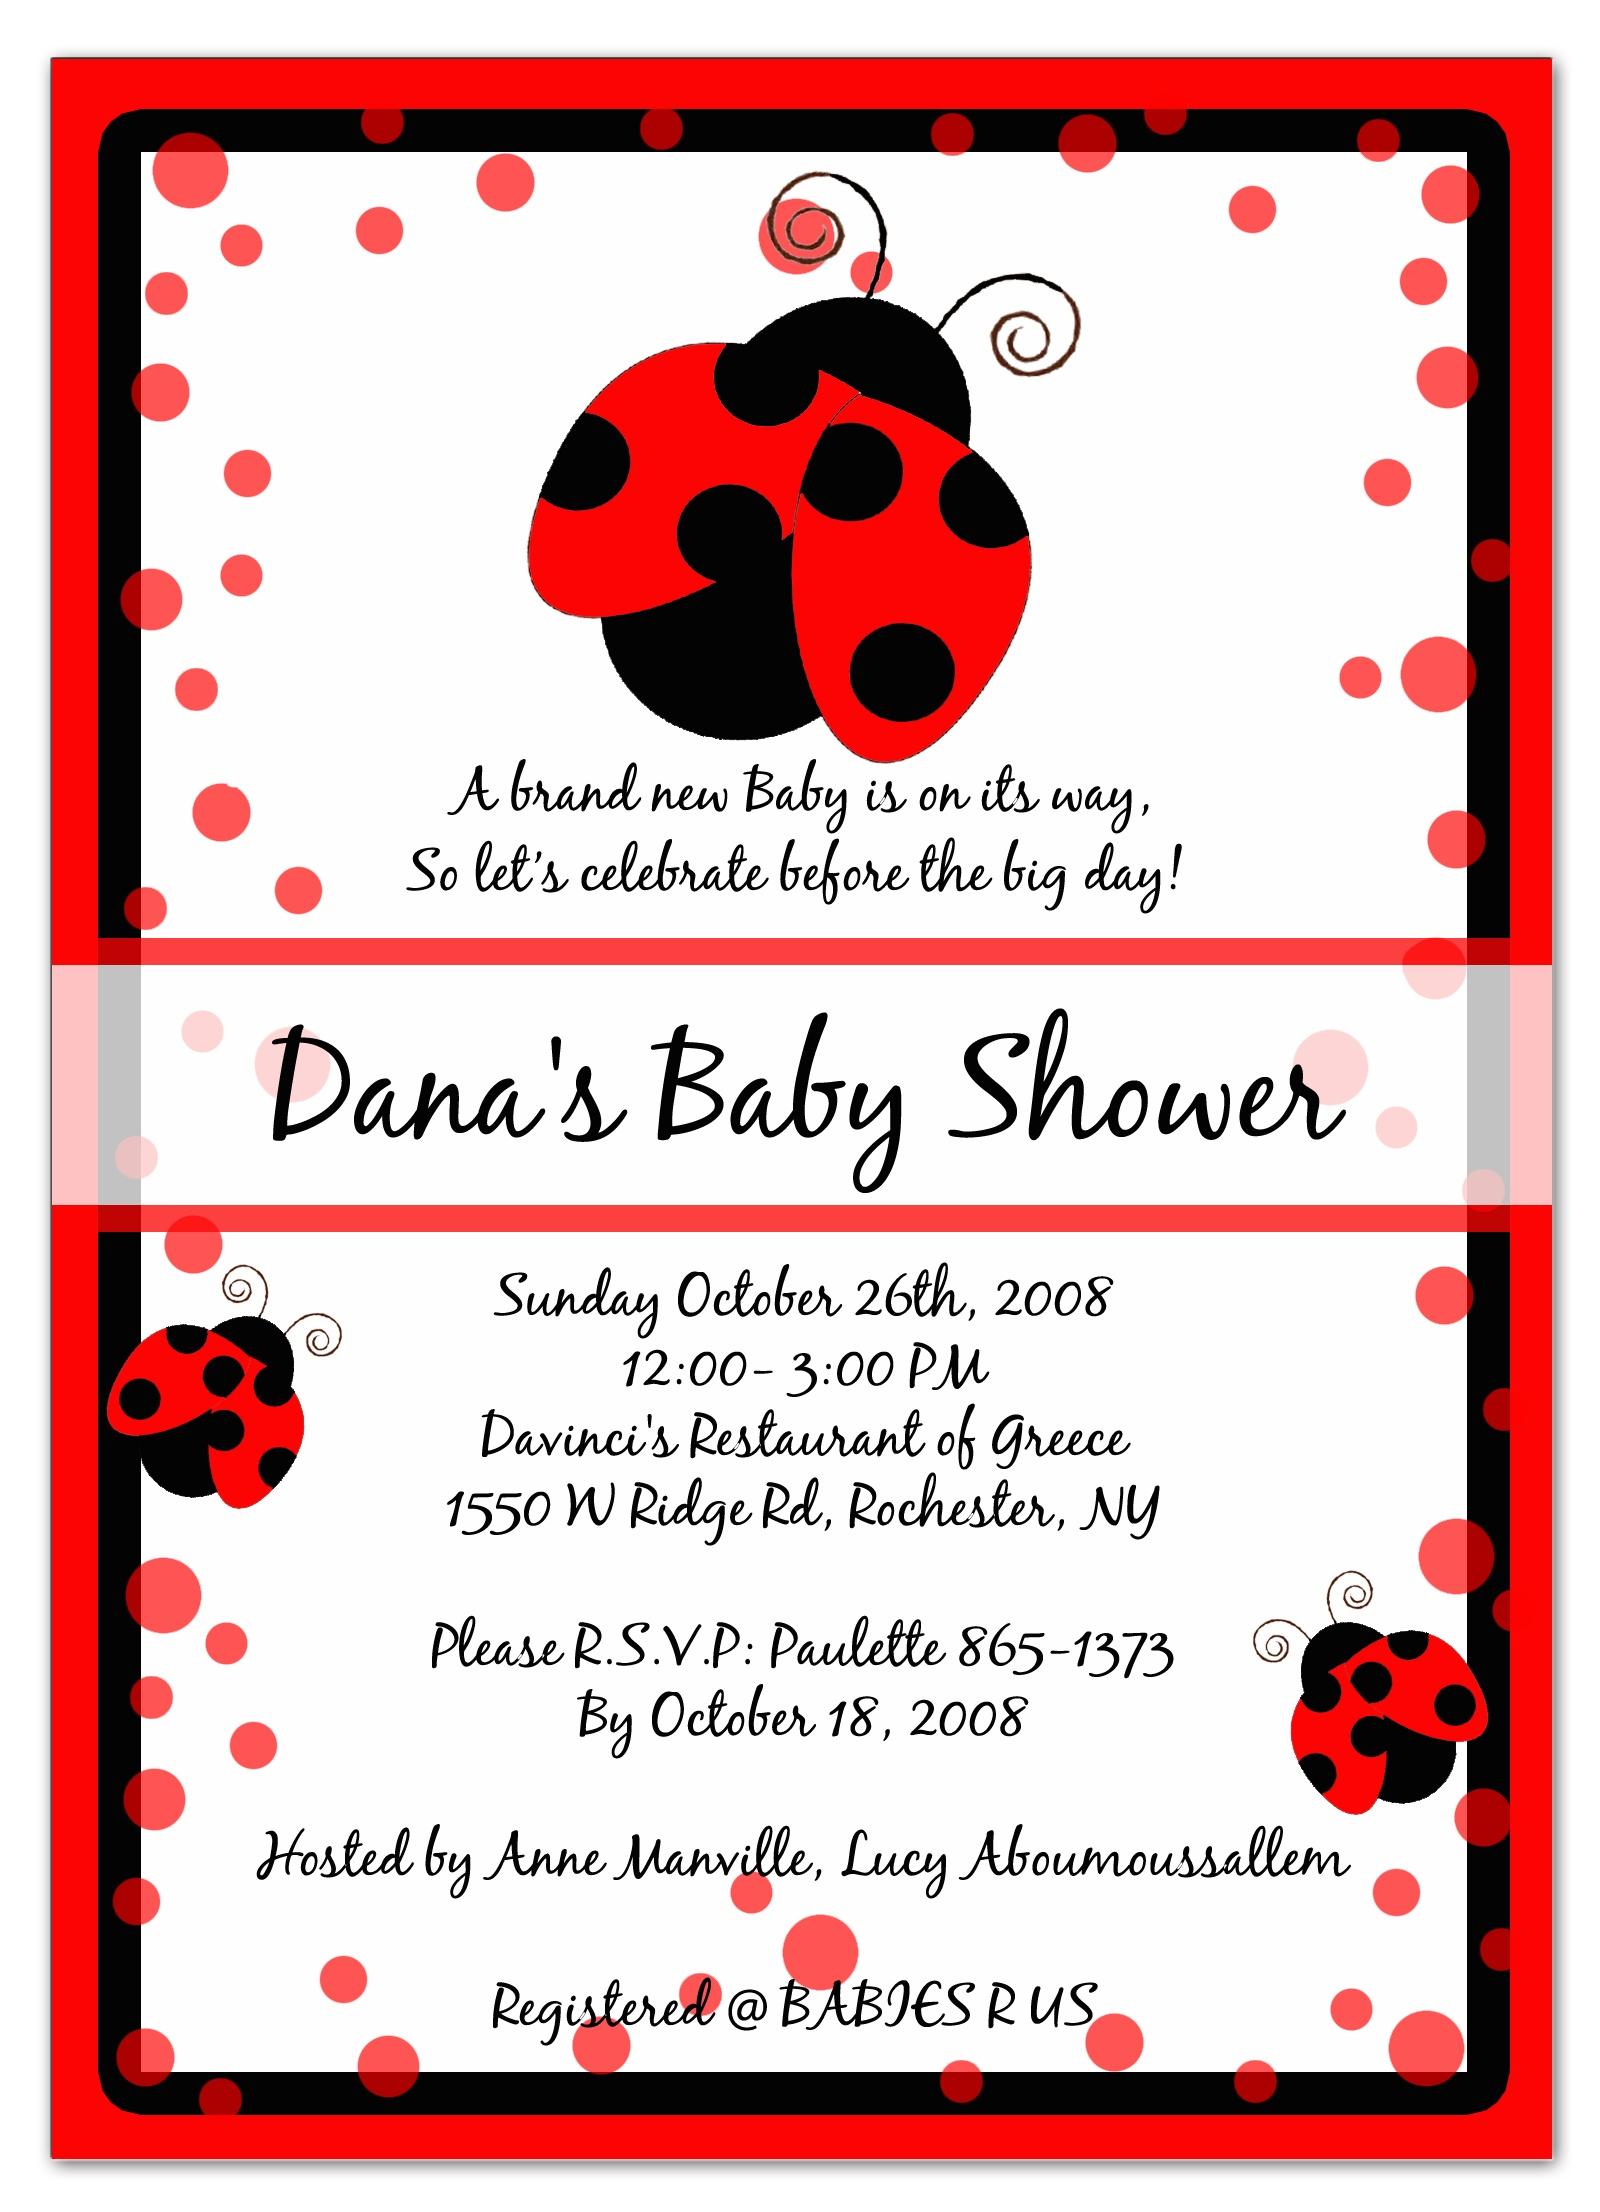 Photo : 12 Baby Shower Ladybug Image - Free Printable Ladybug Baby Shower Invitations Templates